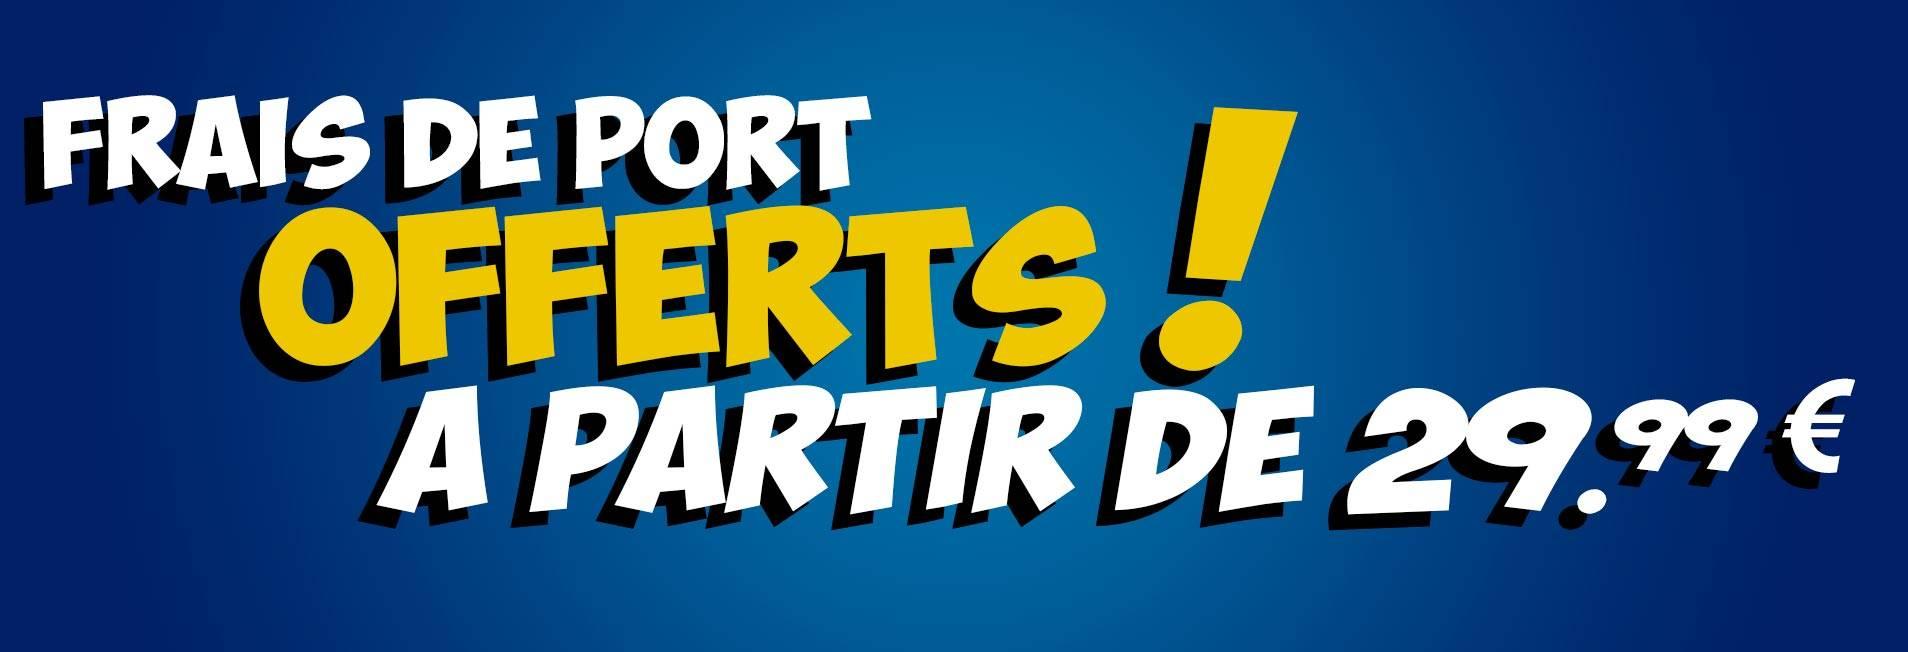 Frais de ports offerts à partir de 29,99€